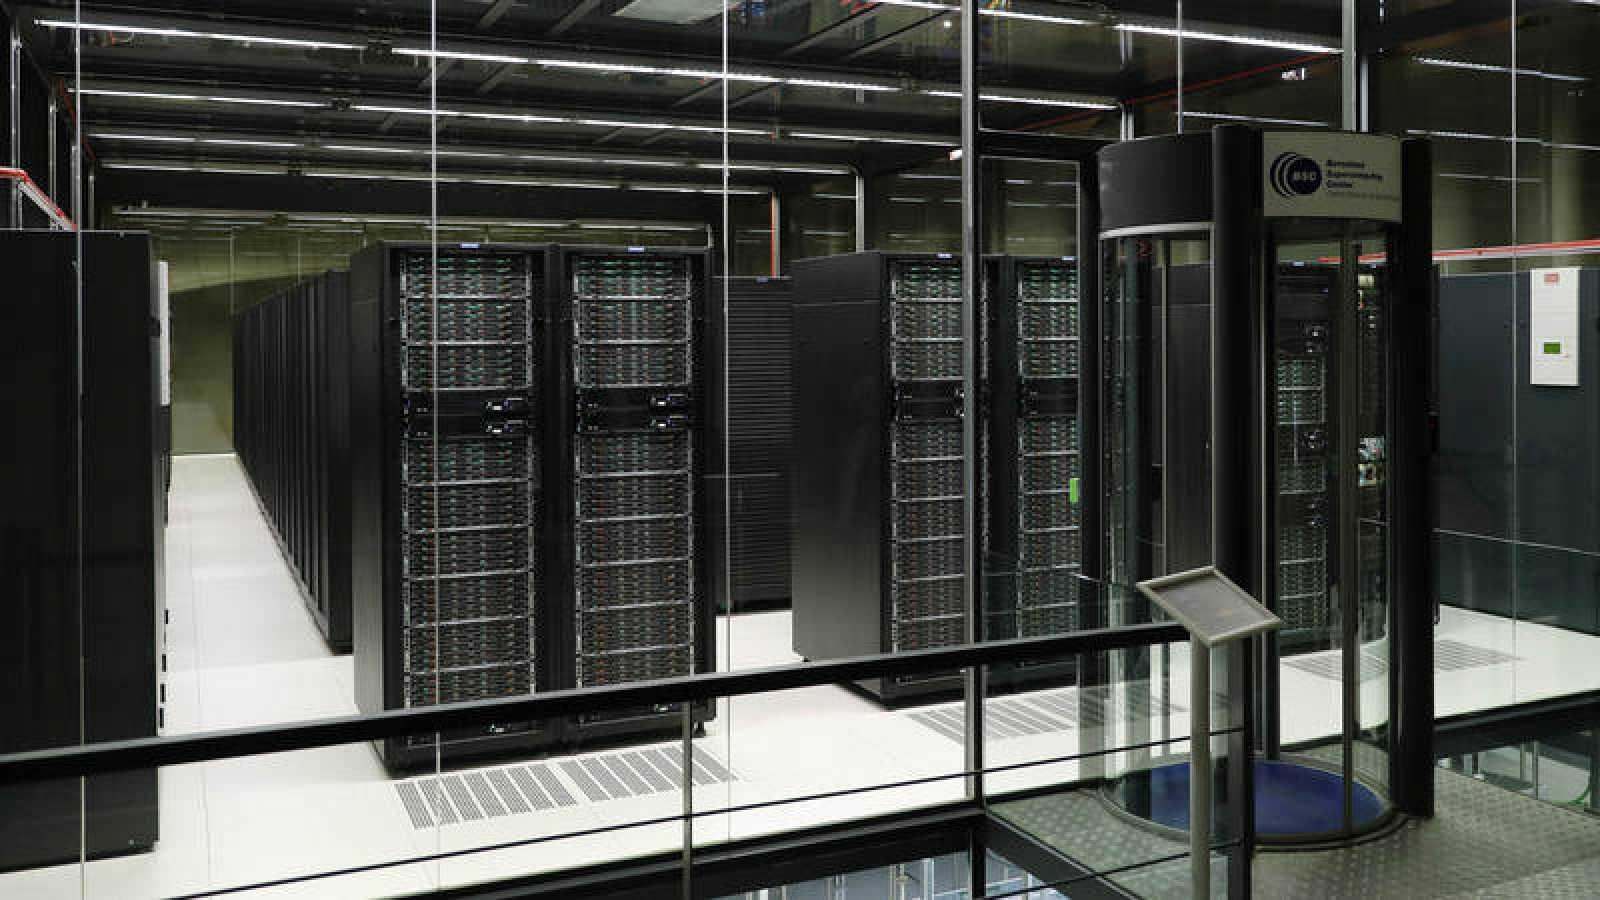 El nuevo MareNostrum 5 se instalará en el Barcelona Supercomputing Center-Centro Nacional de Supercomputación (BSC).